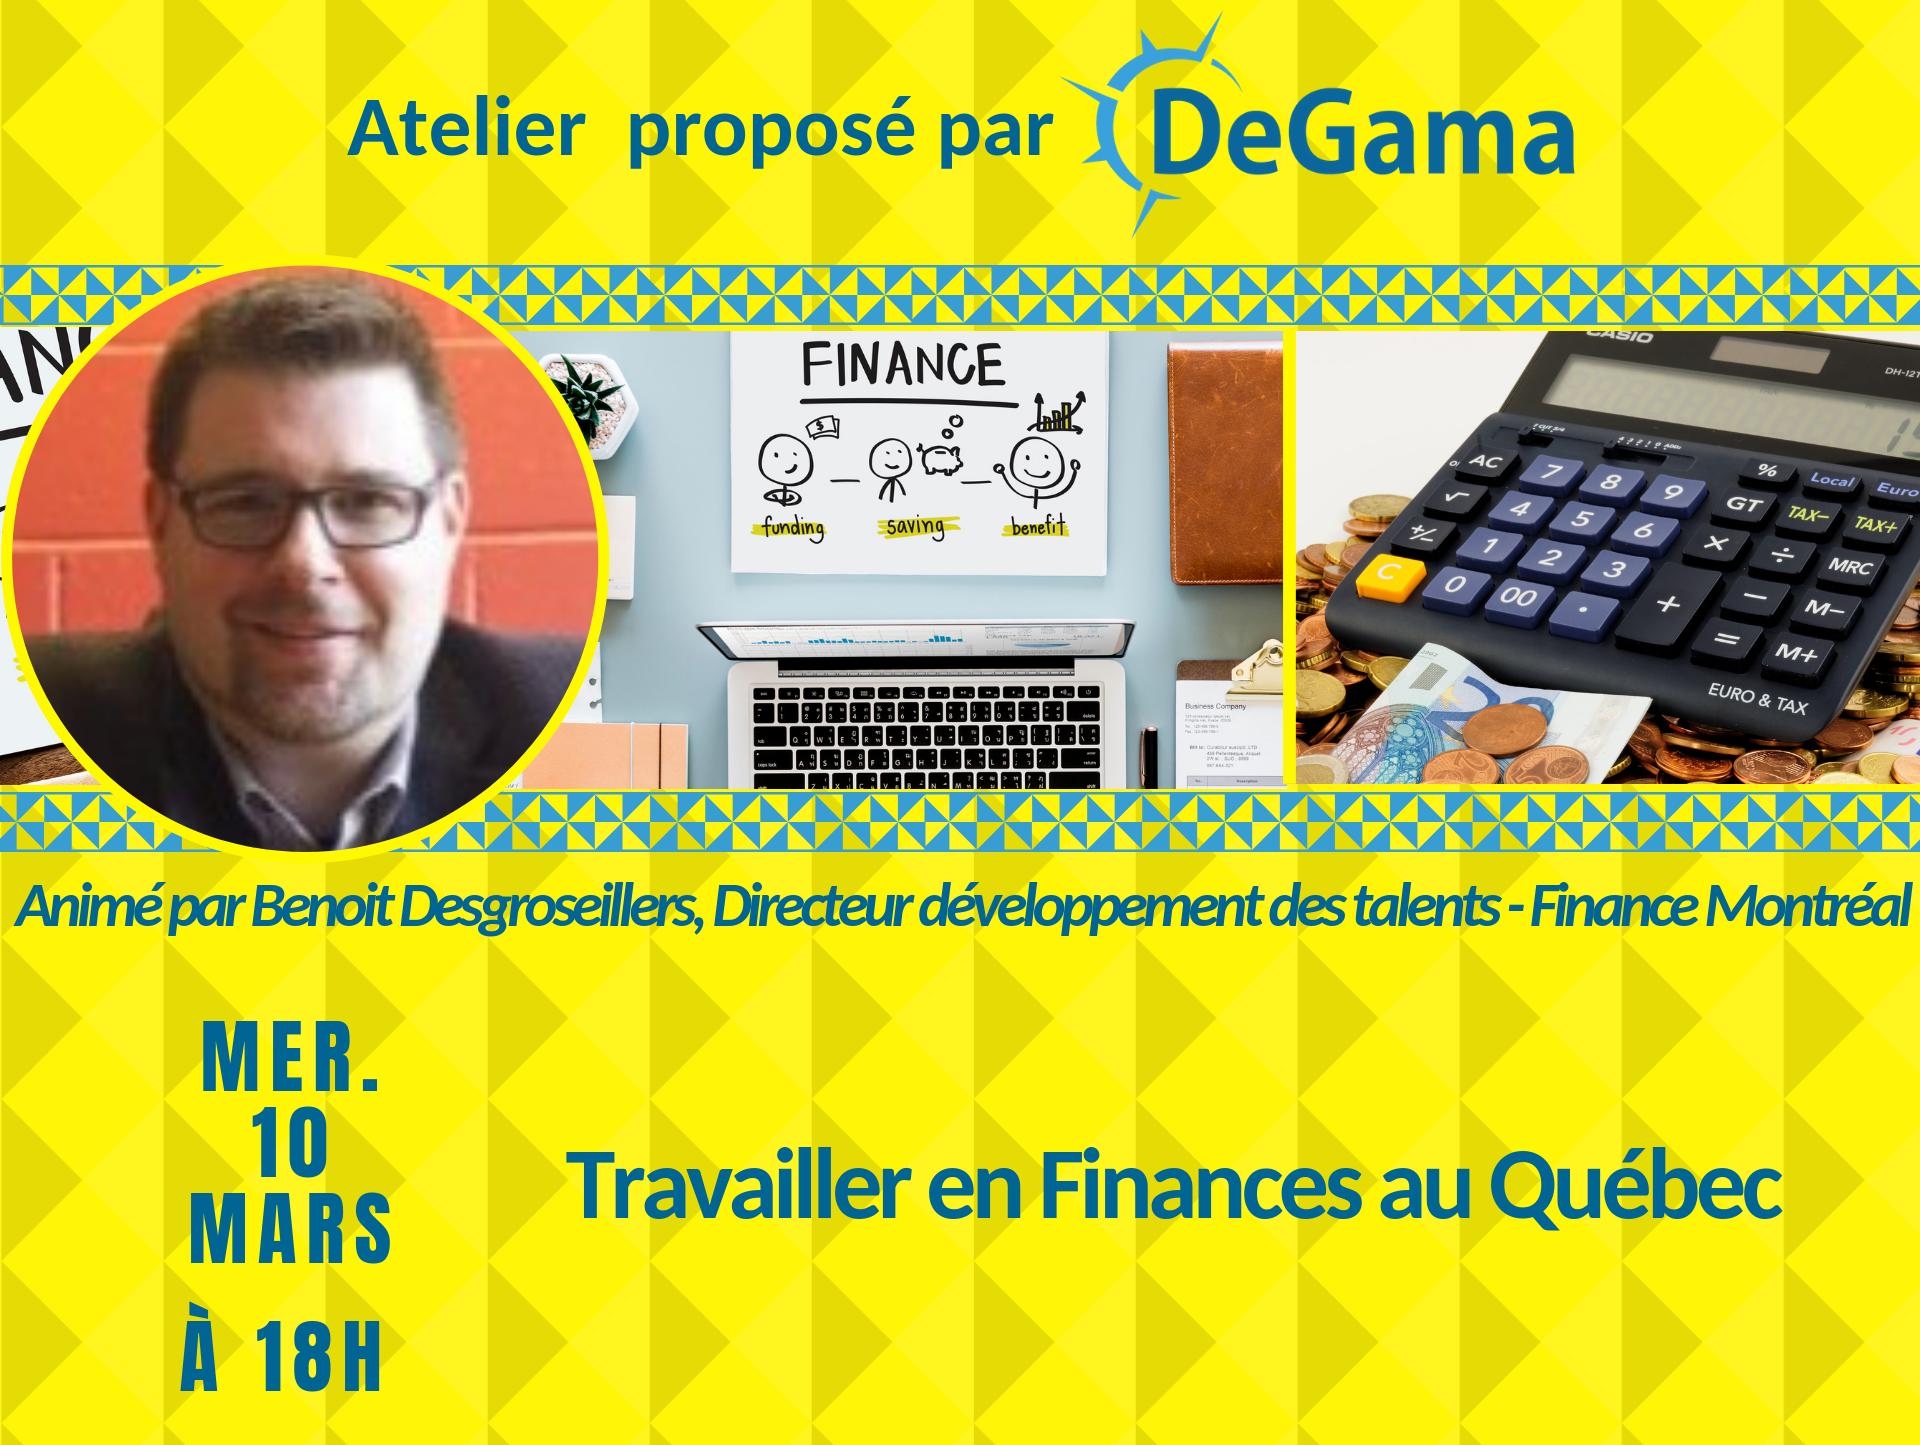 24ac027b032 Vous êtes nombreux à vouloir travailler dans le domaine des finances au  Québec.